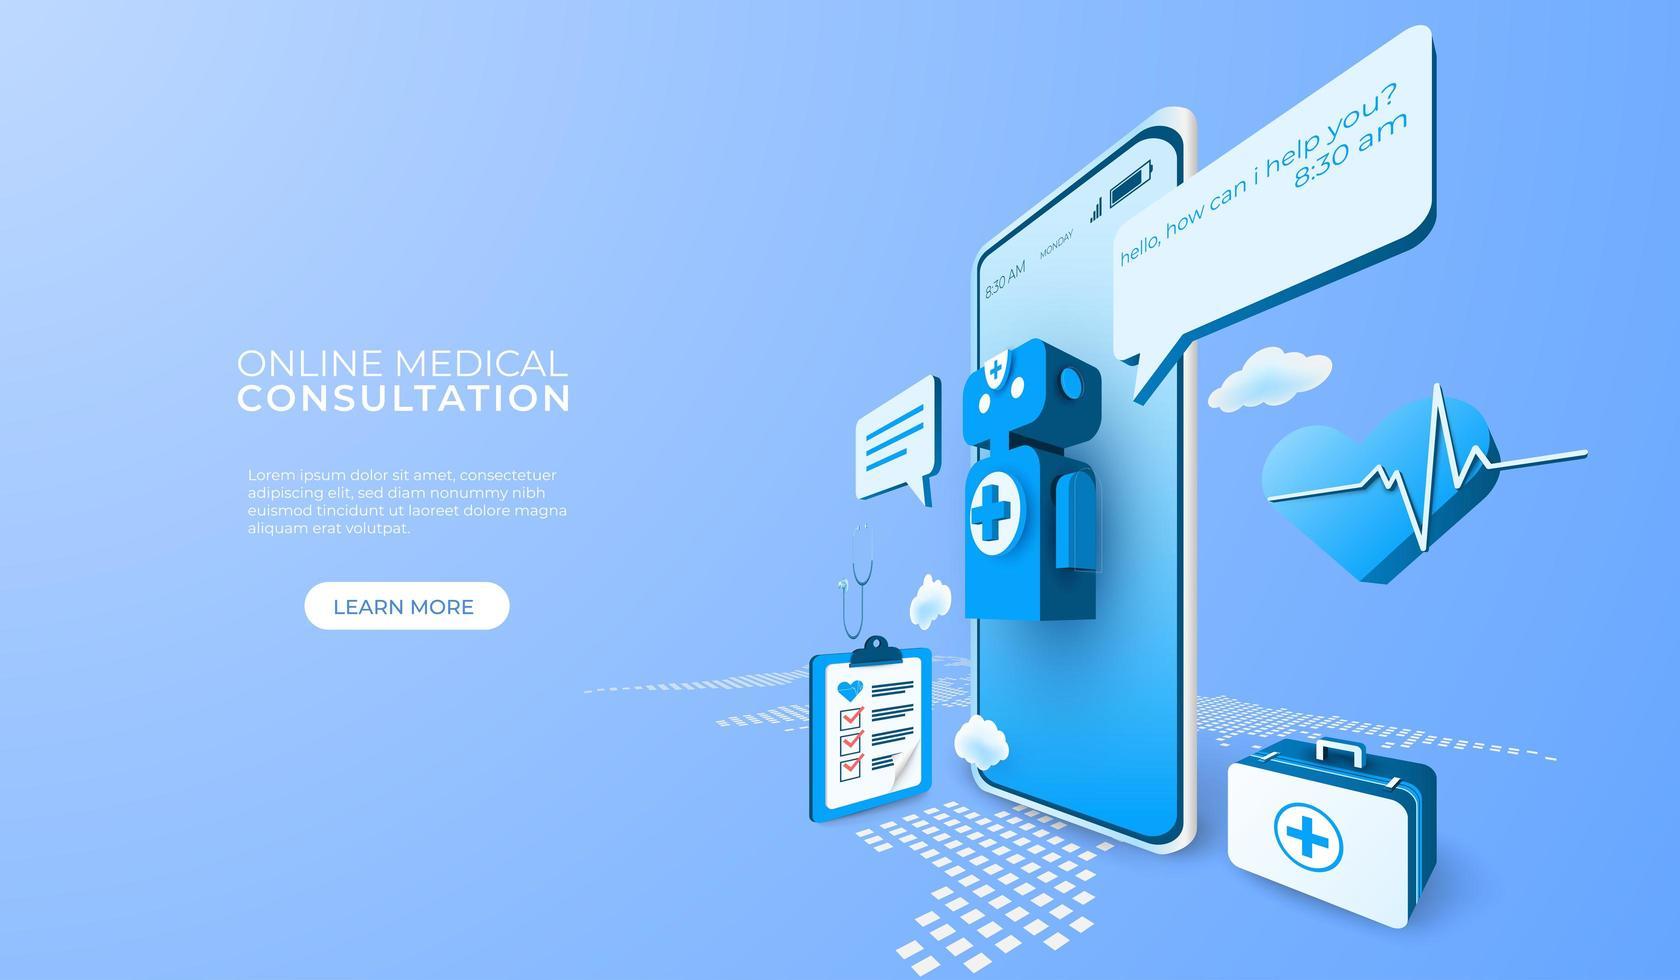 digitale technologie online medisch consult vector